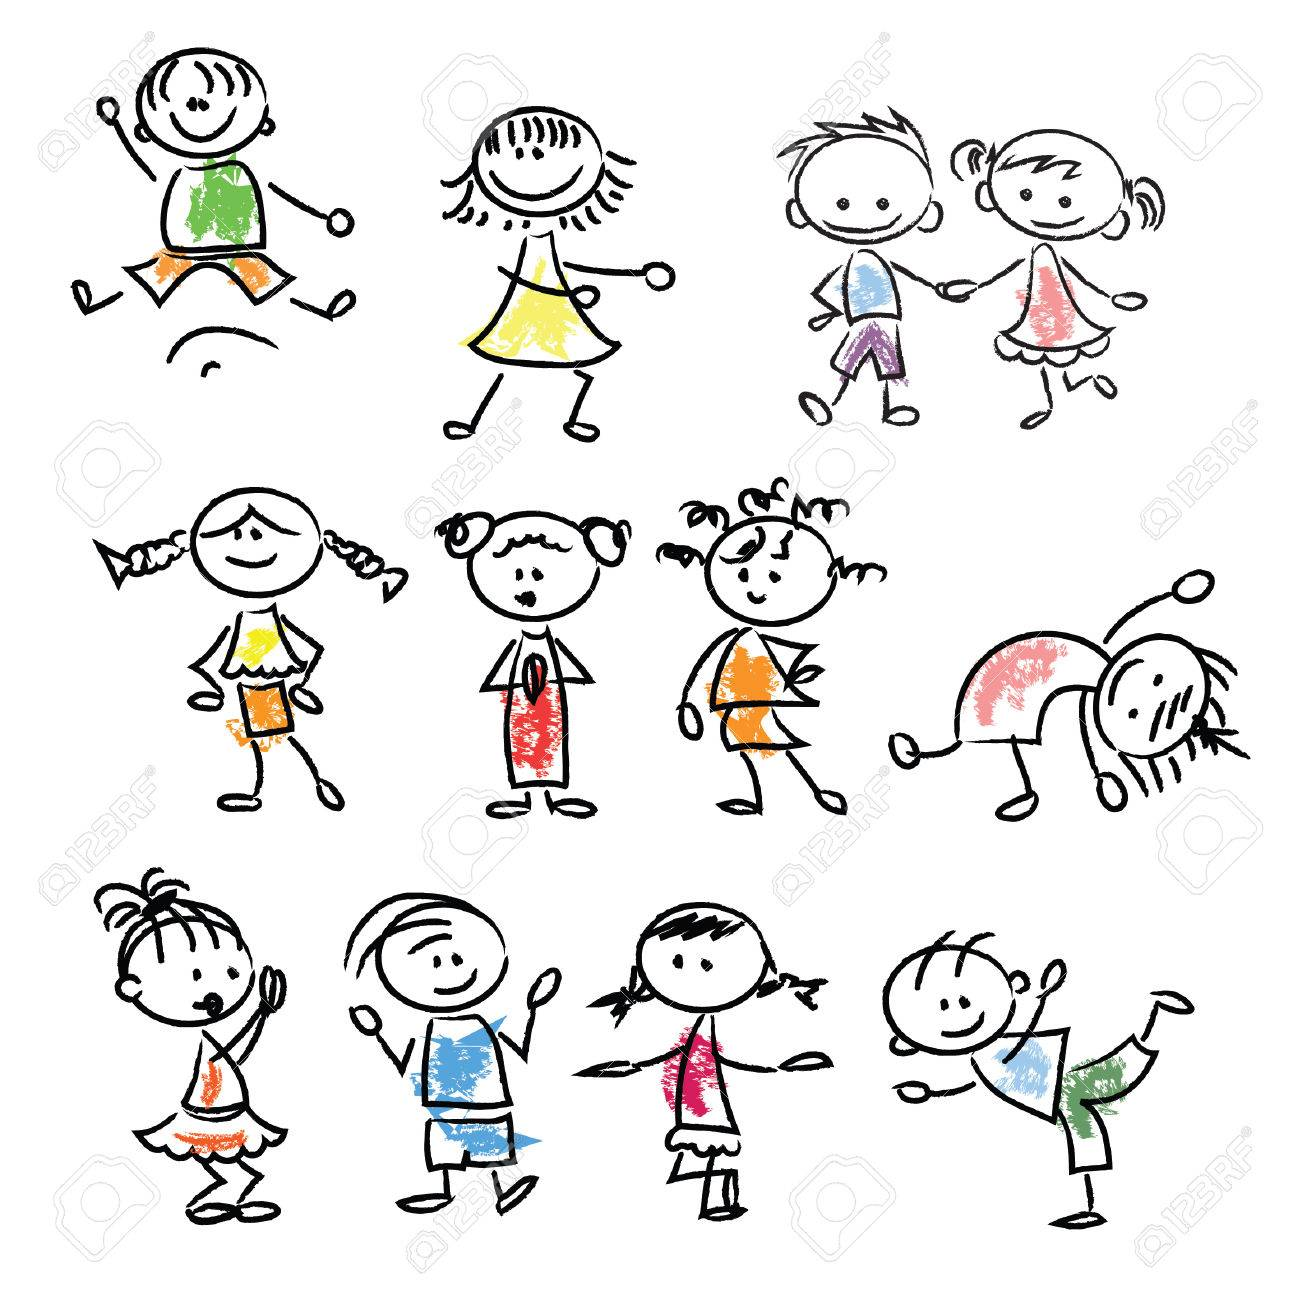 Nette Glückliche Karikatur Doodle Kinder Lizenzfrei Nutzbare